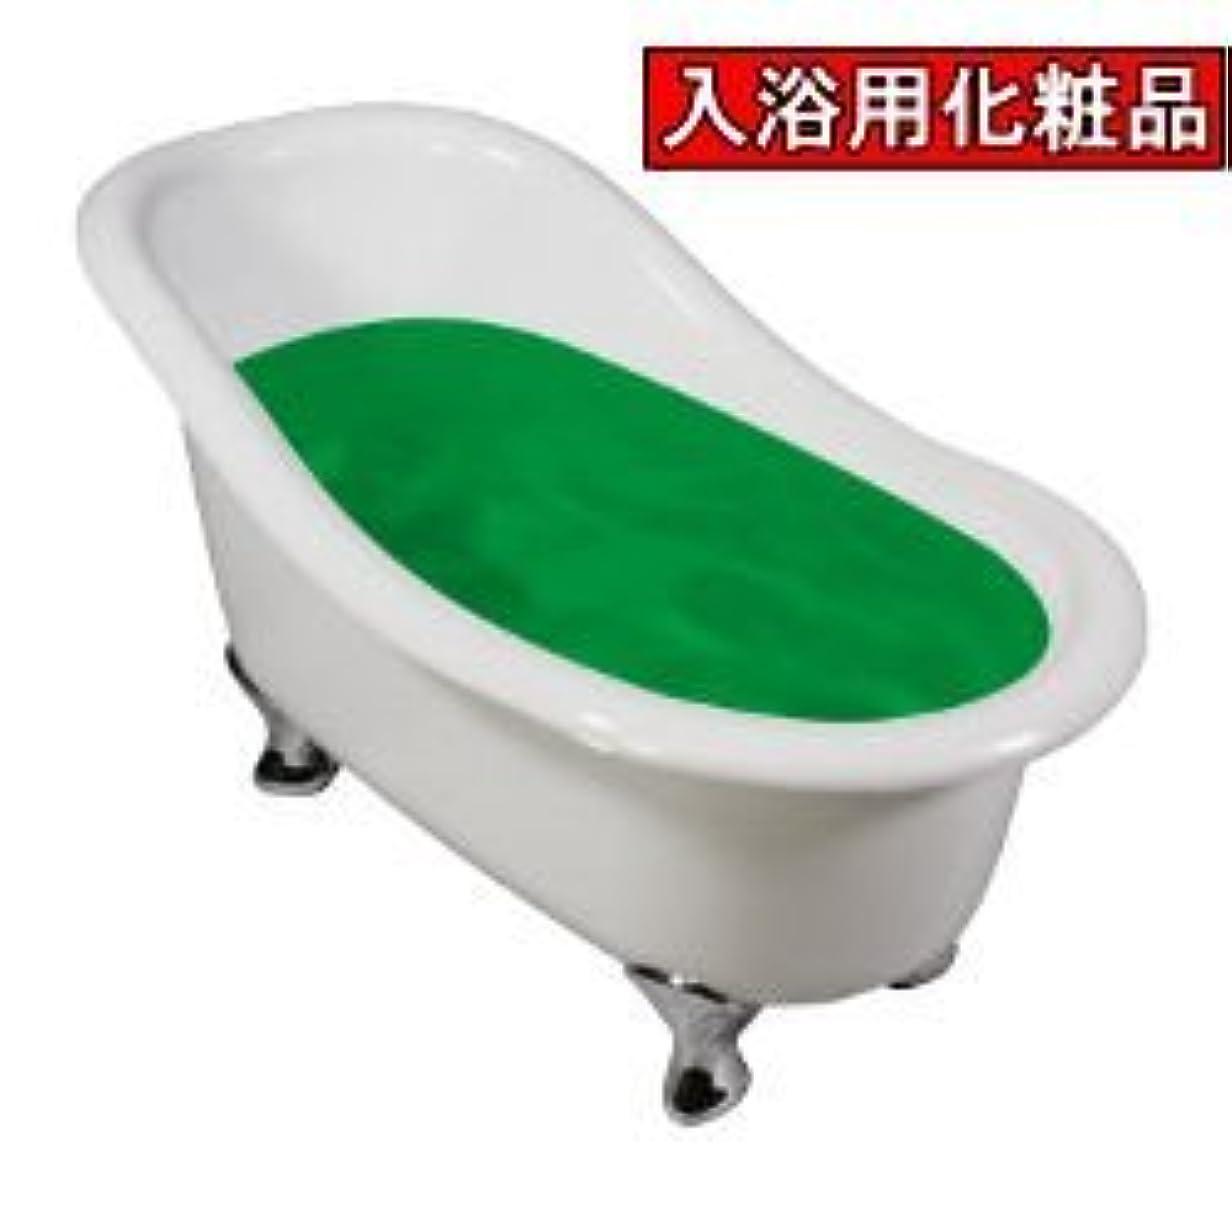 カカドゥ許容できる異常な業務用入浴剤イヴタス 緑茶 17kg 業務用サイズ